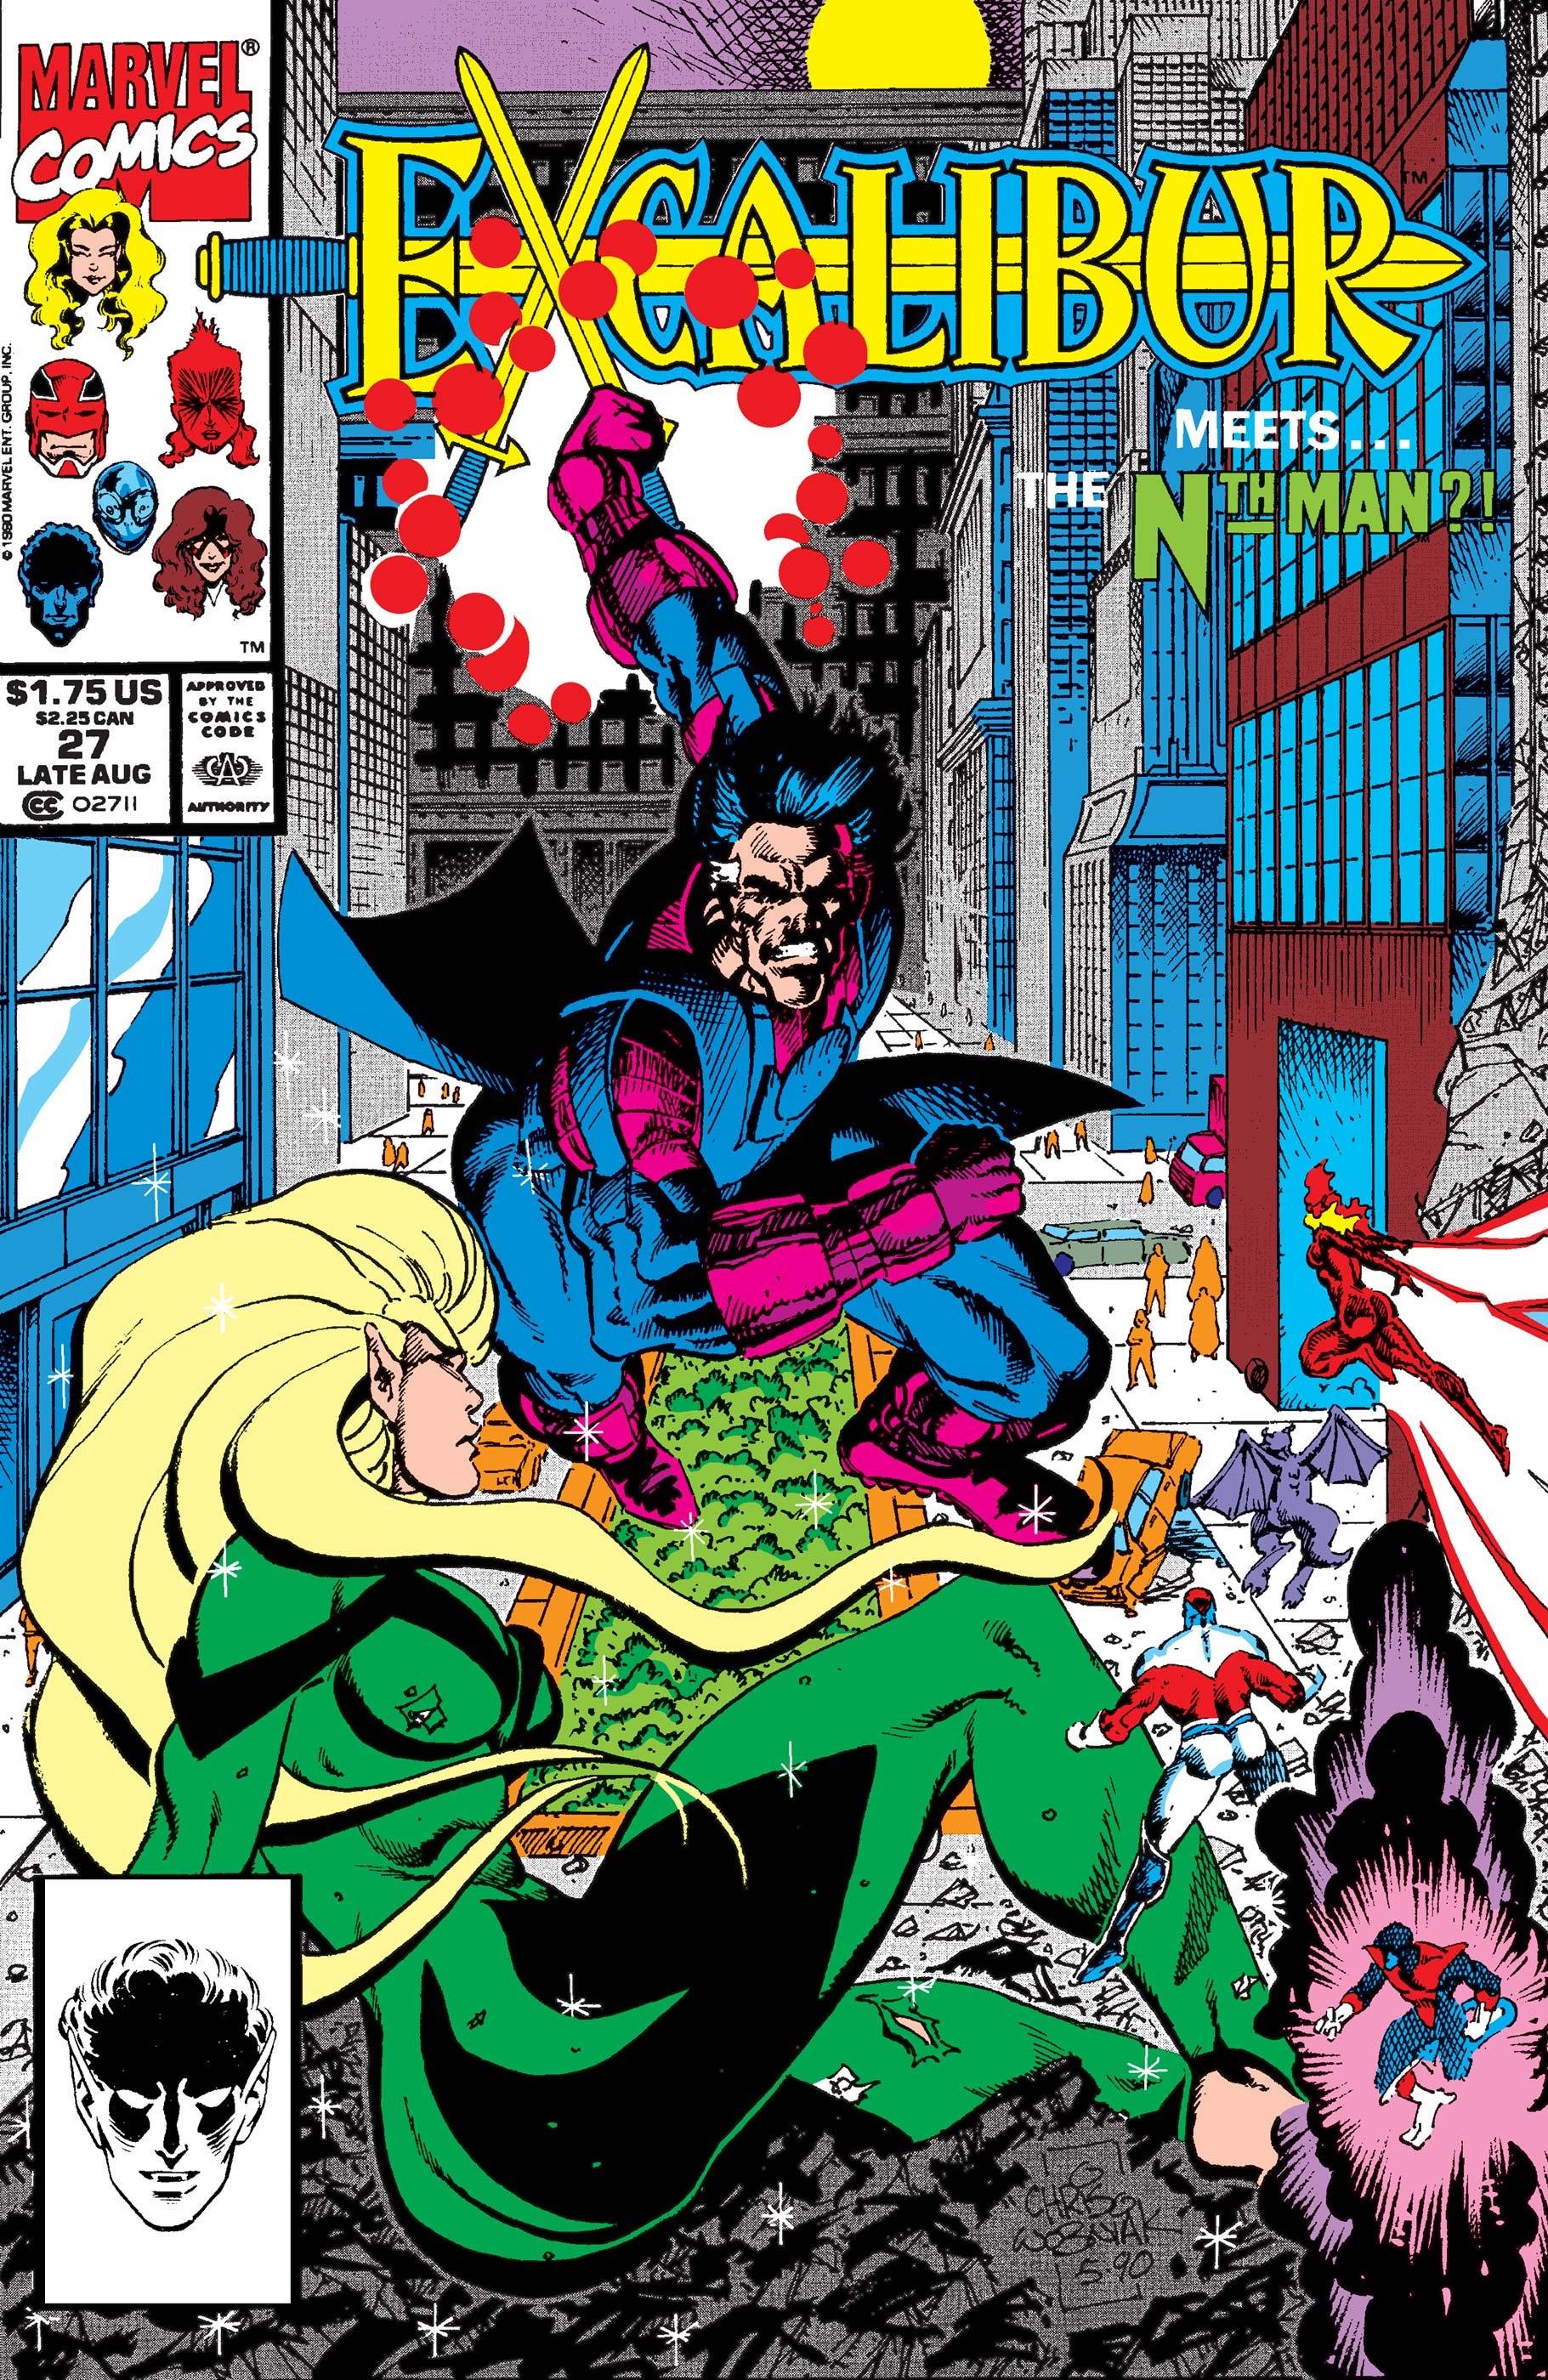 Excalibur (1988) #27